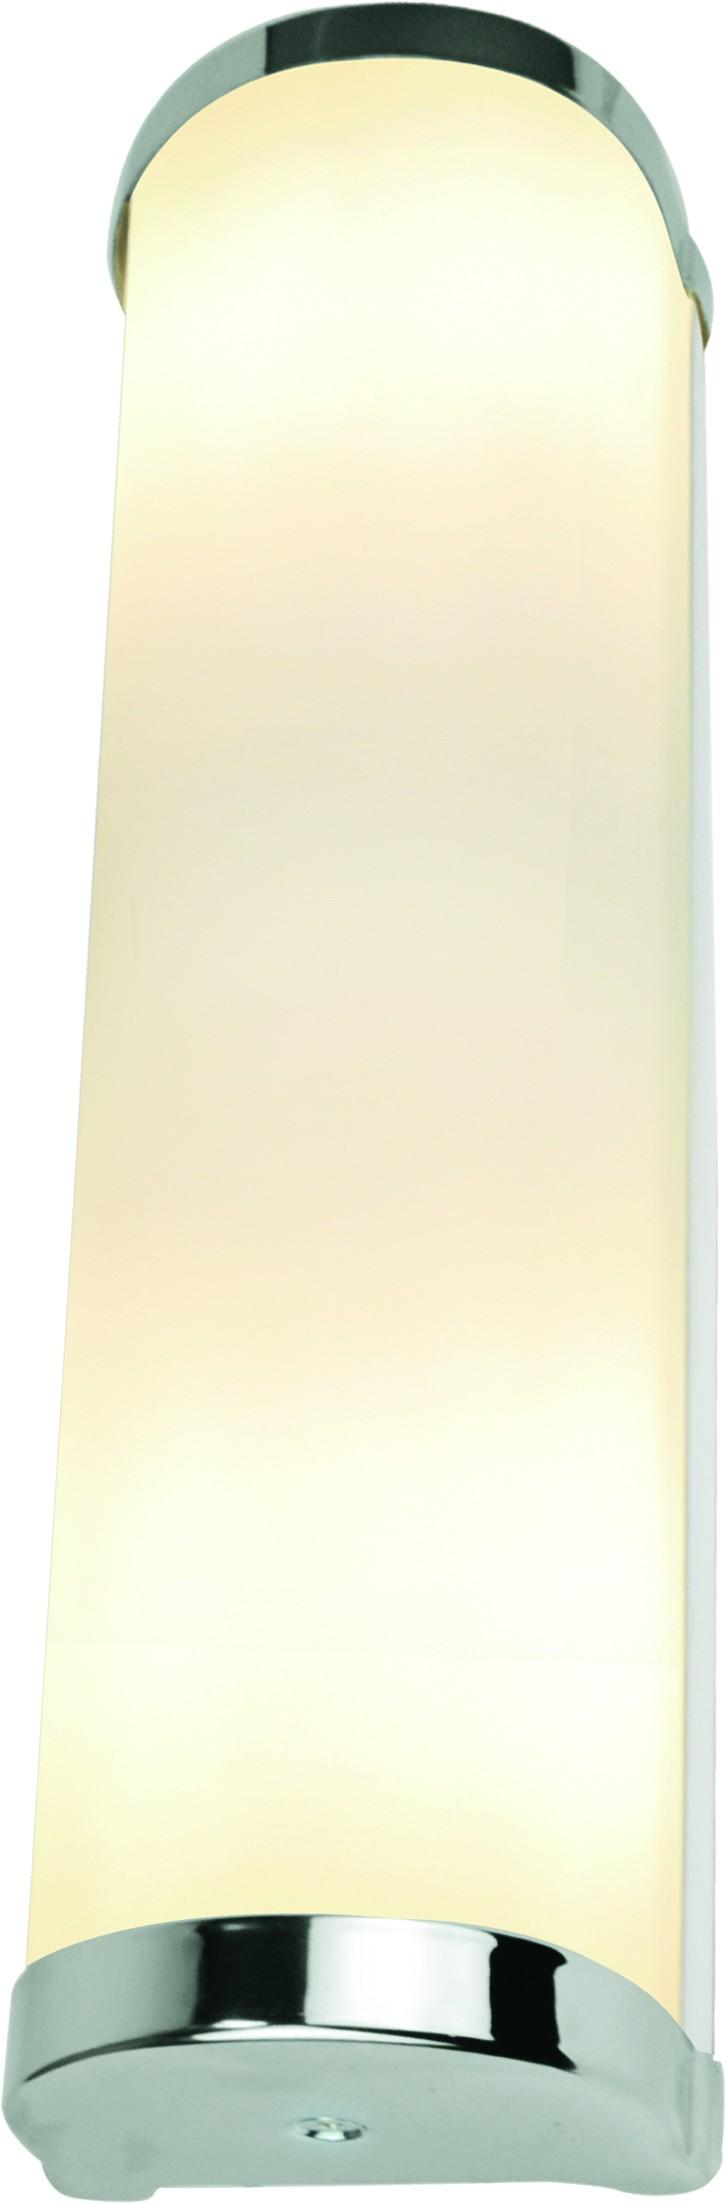 Светильник настенный Arte lamp A5210ap-2cc светильник настенный arte lamp rampa a9412ap 2cc 4650071252318